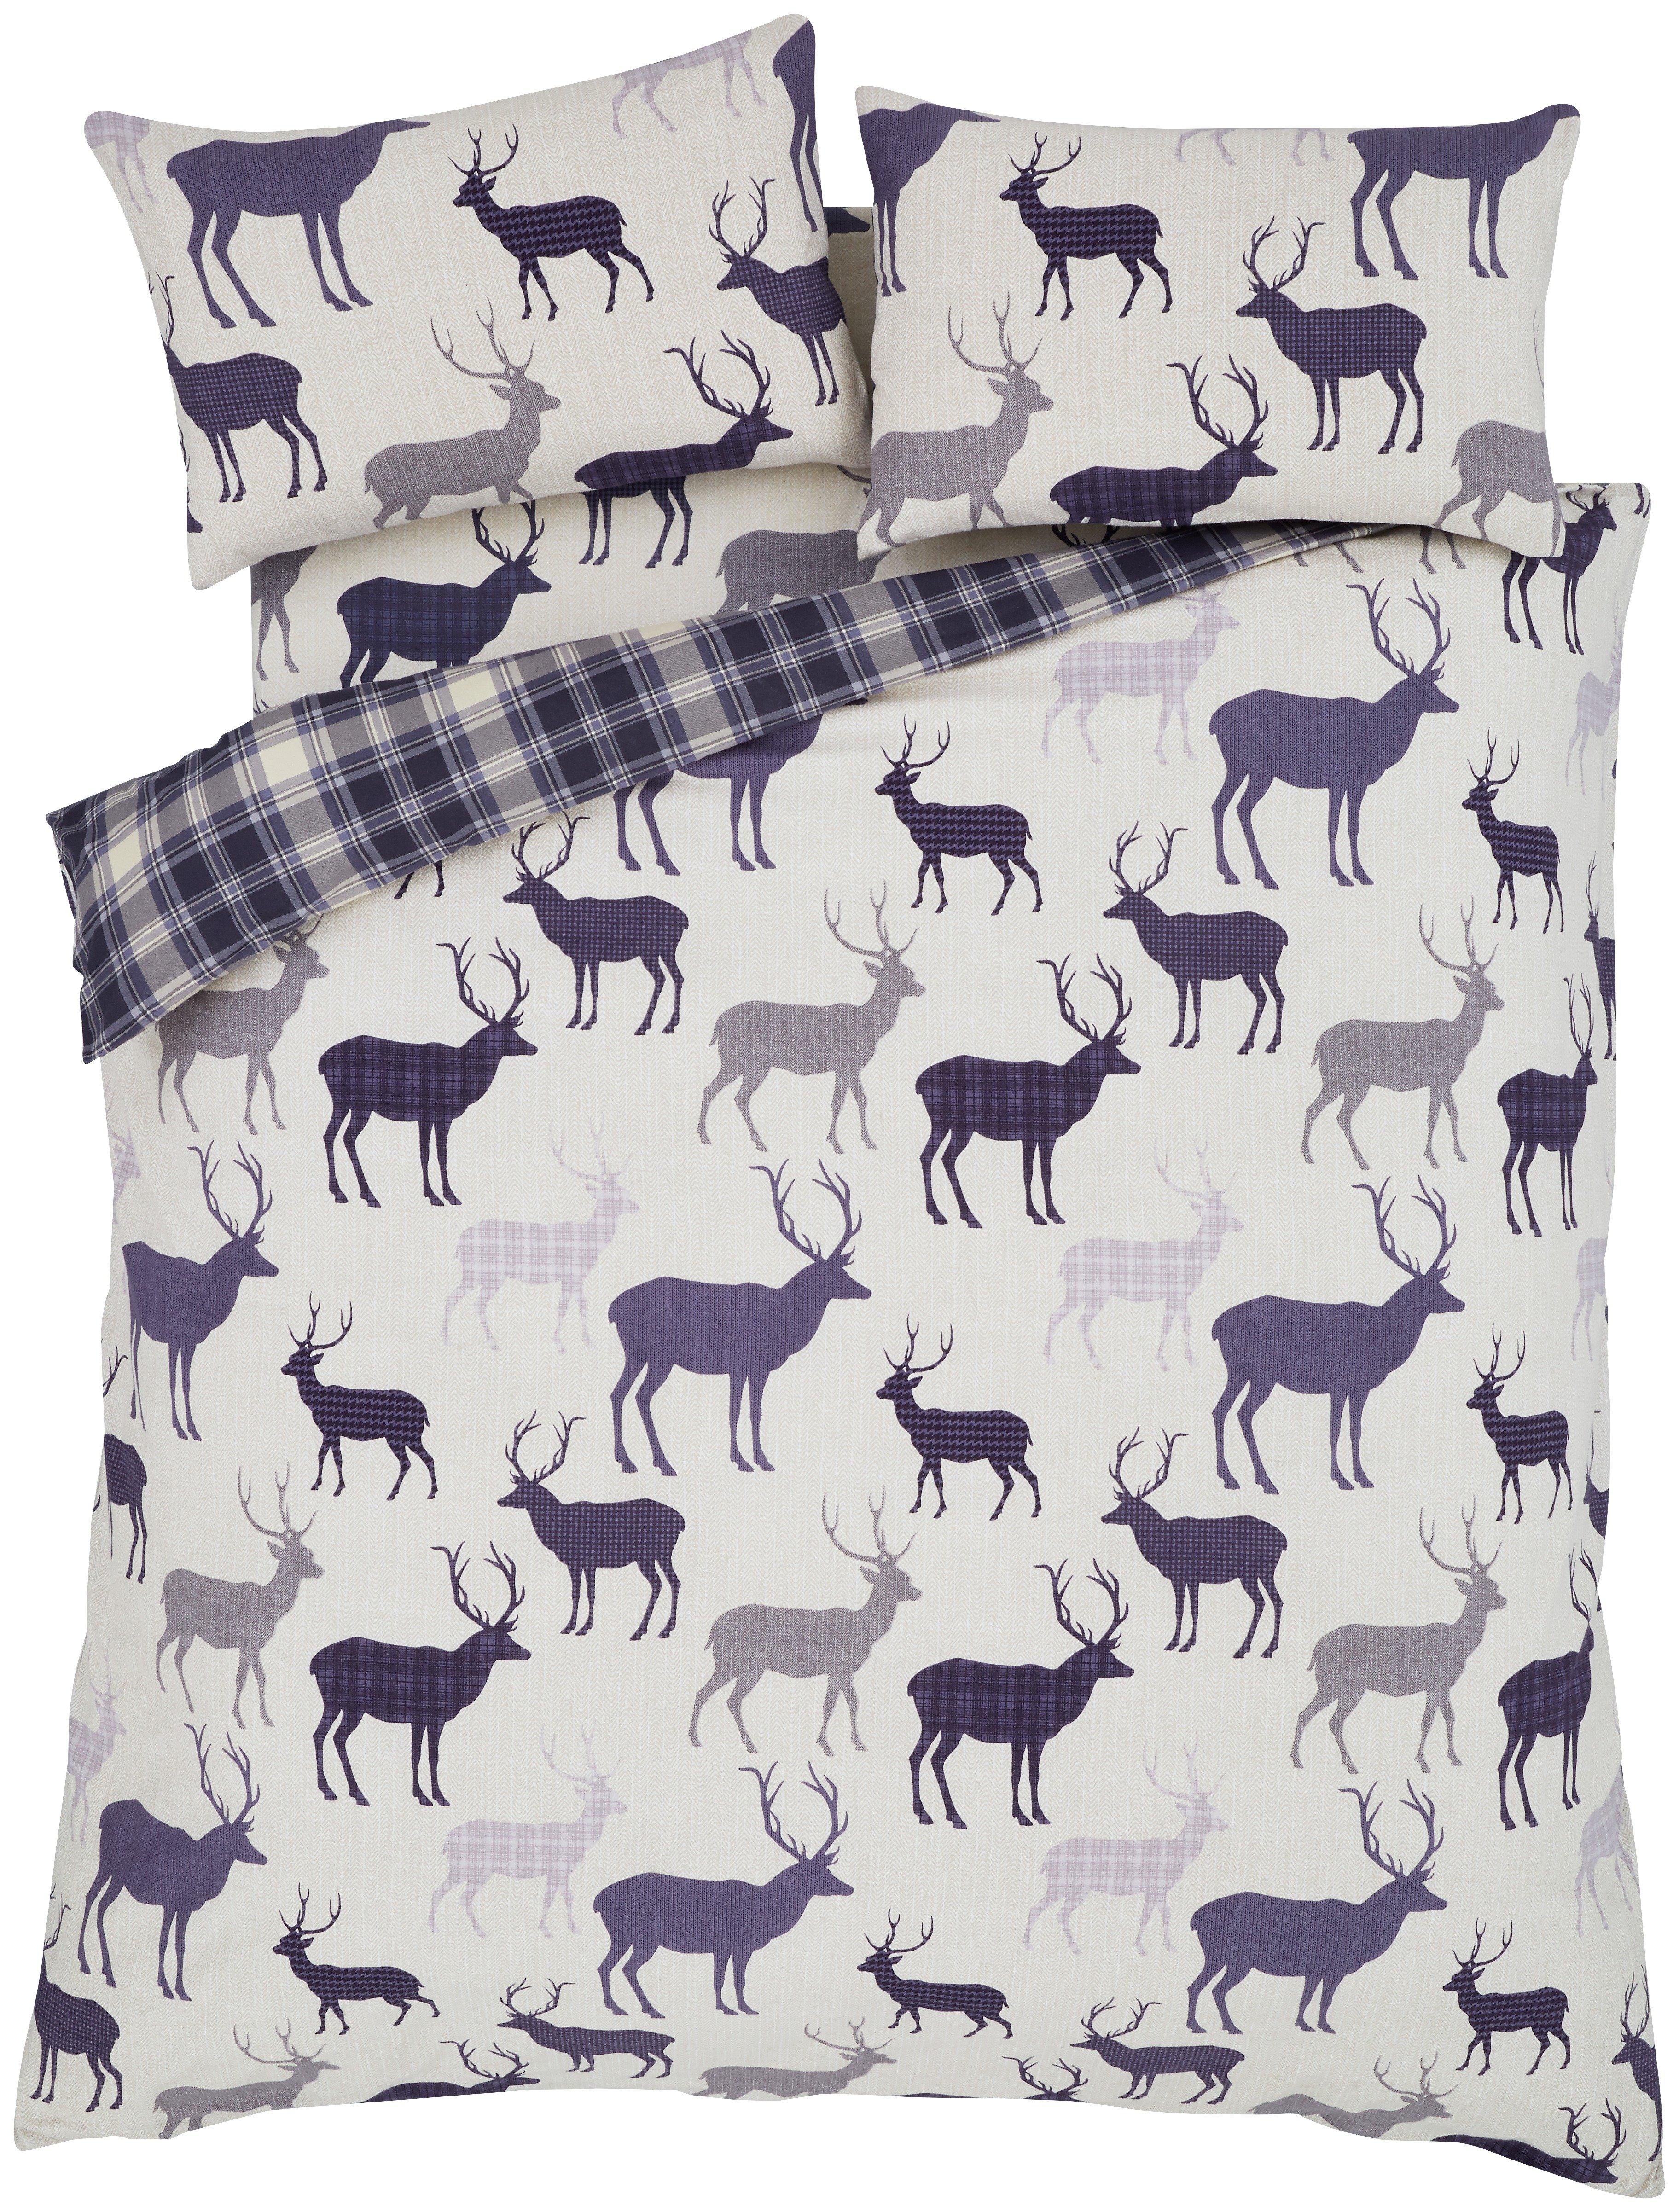 catherine lansfield grampian stag duvet cover set  kingsize